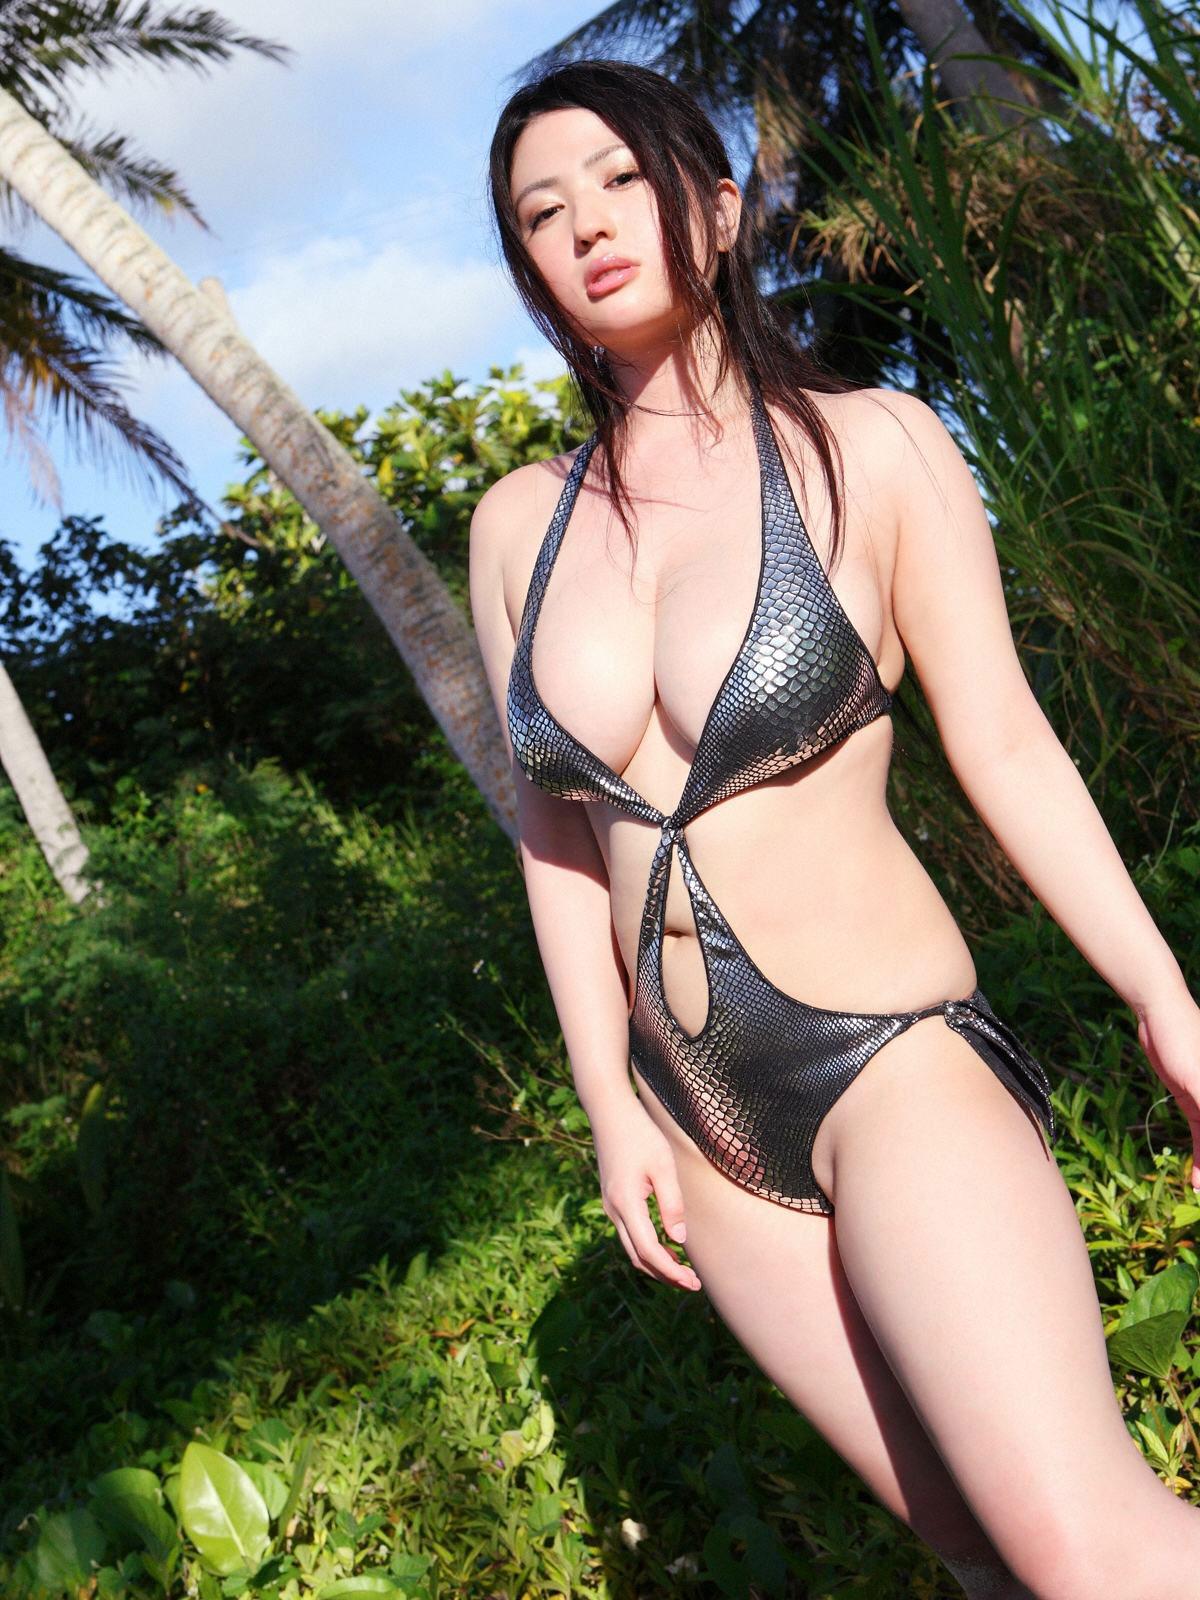 セクシー水着美女エロ画像。詳細は以下に記載します。